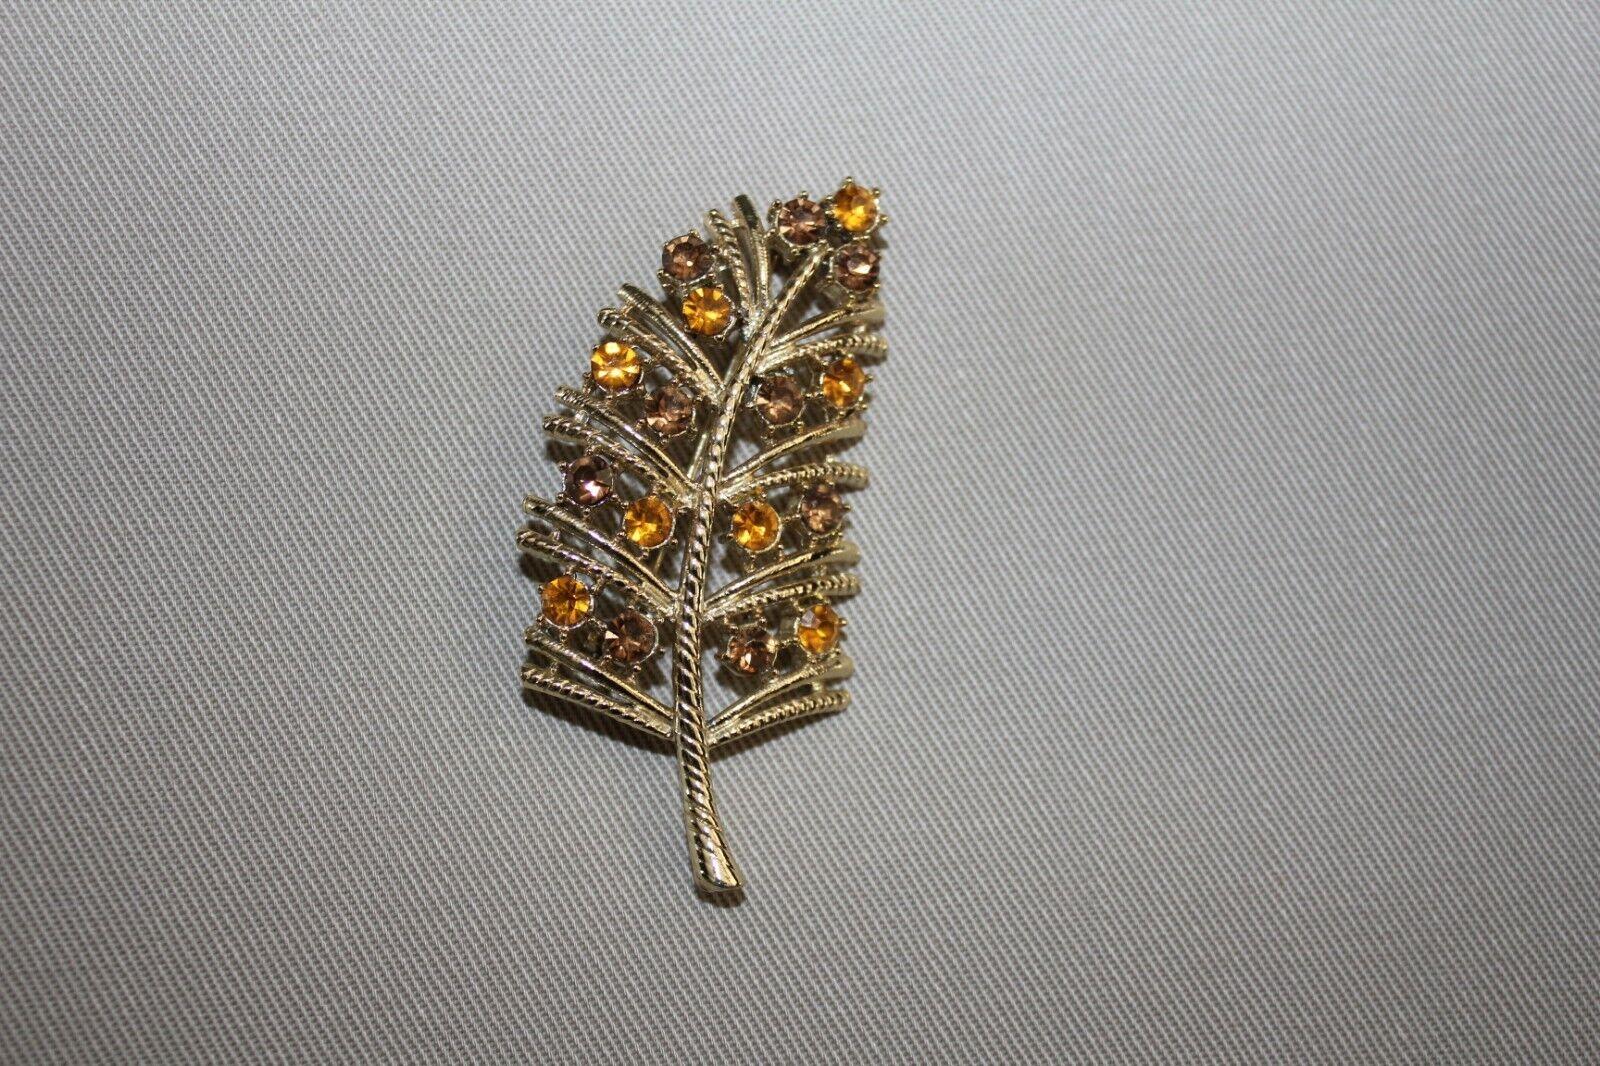 TREE OF LIFE PIN/BROOCH - $7.50